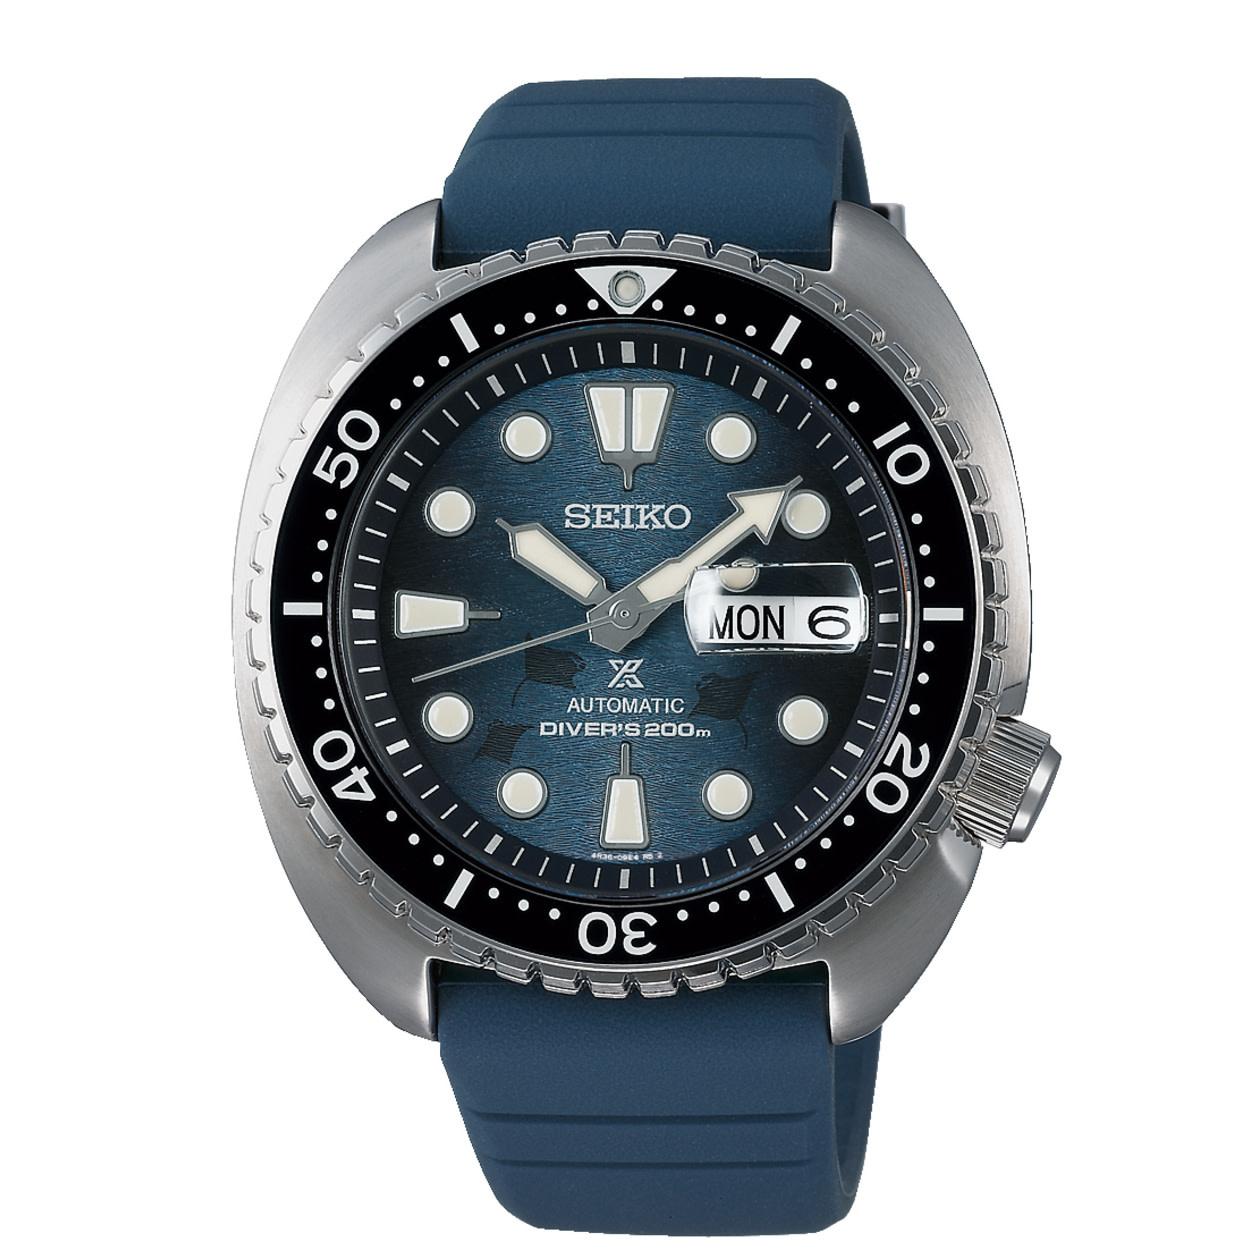 Seiko Seiko Horloge Prospex Save the ocean special edition SRPF77K1